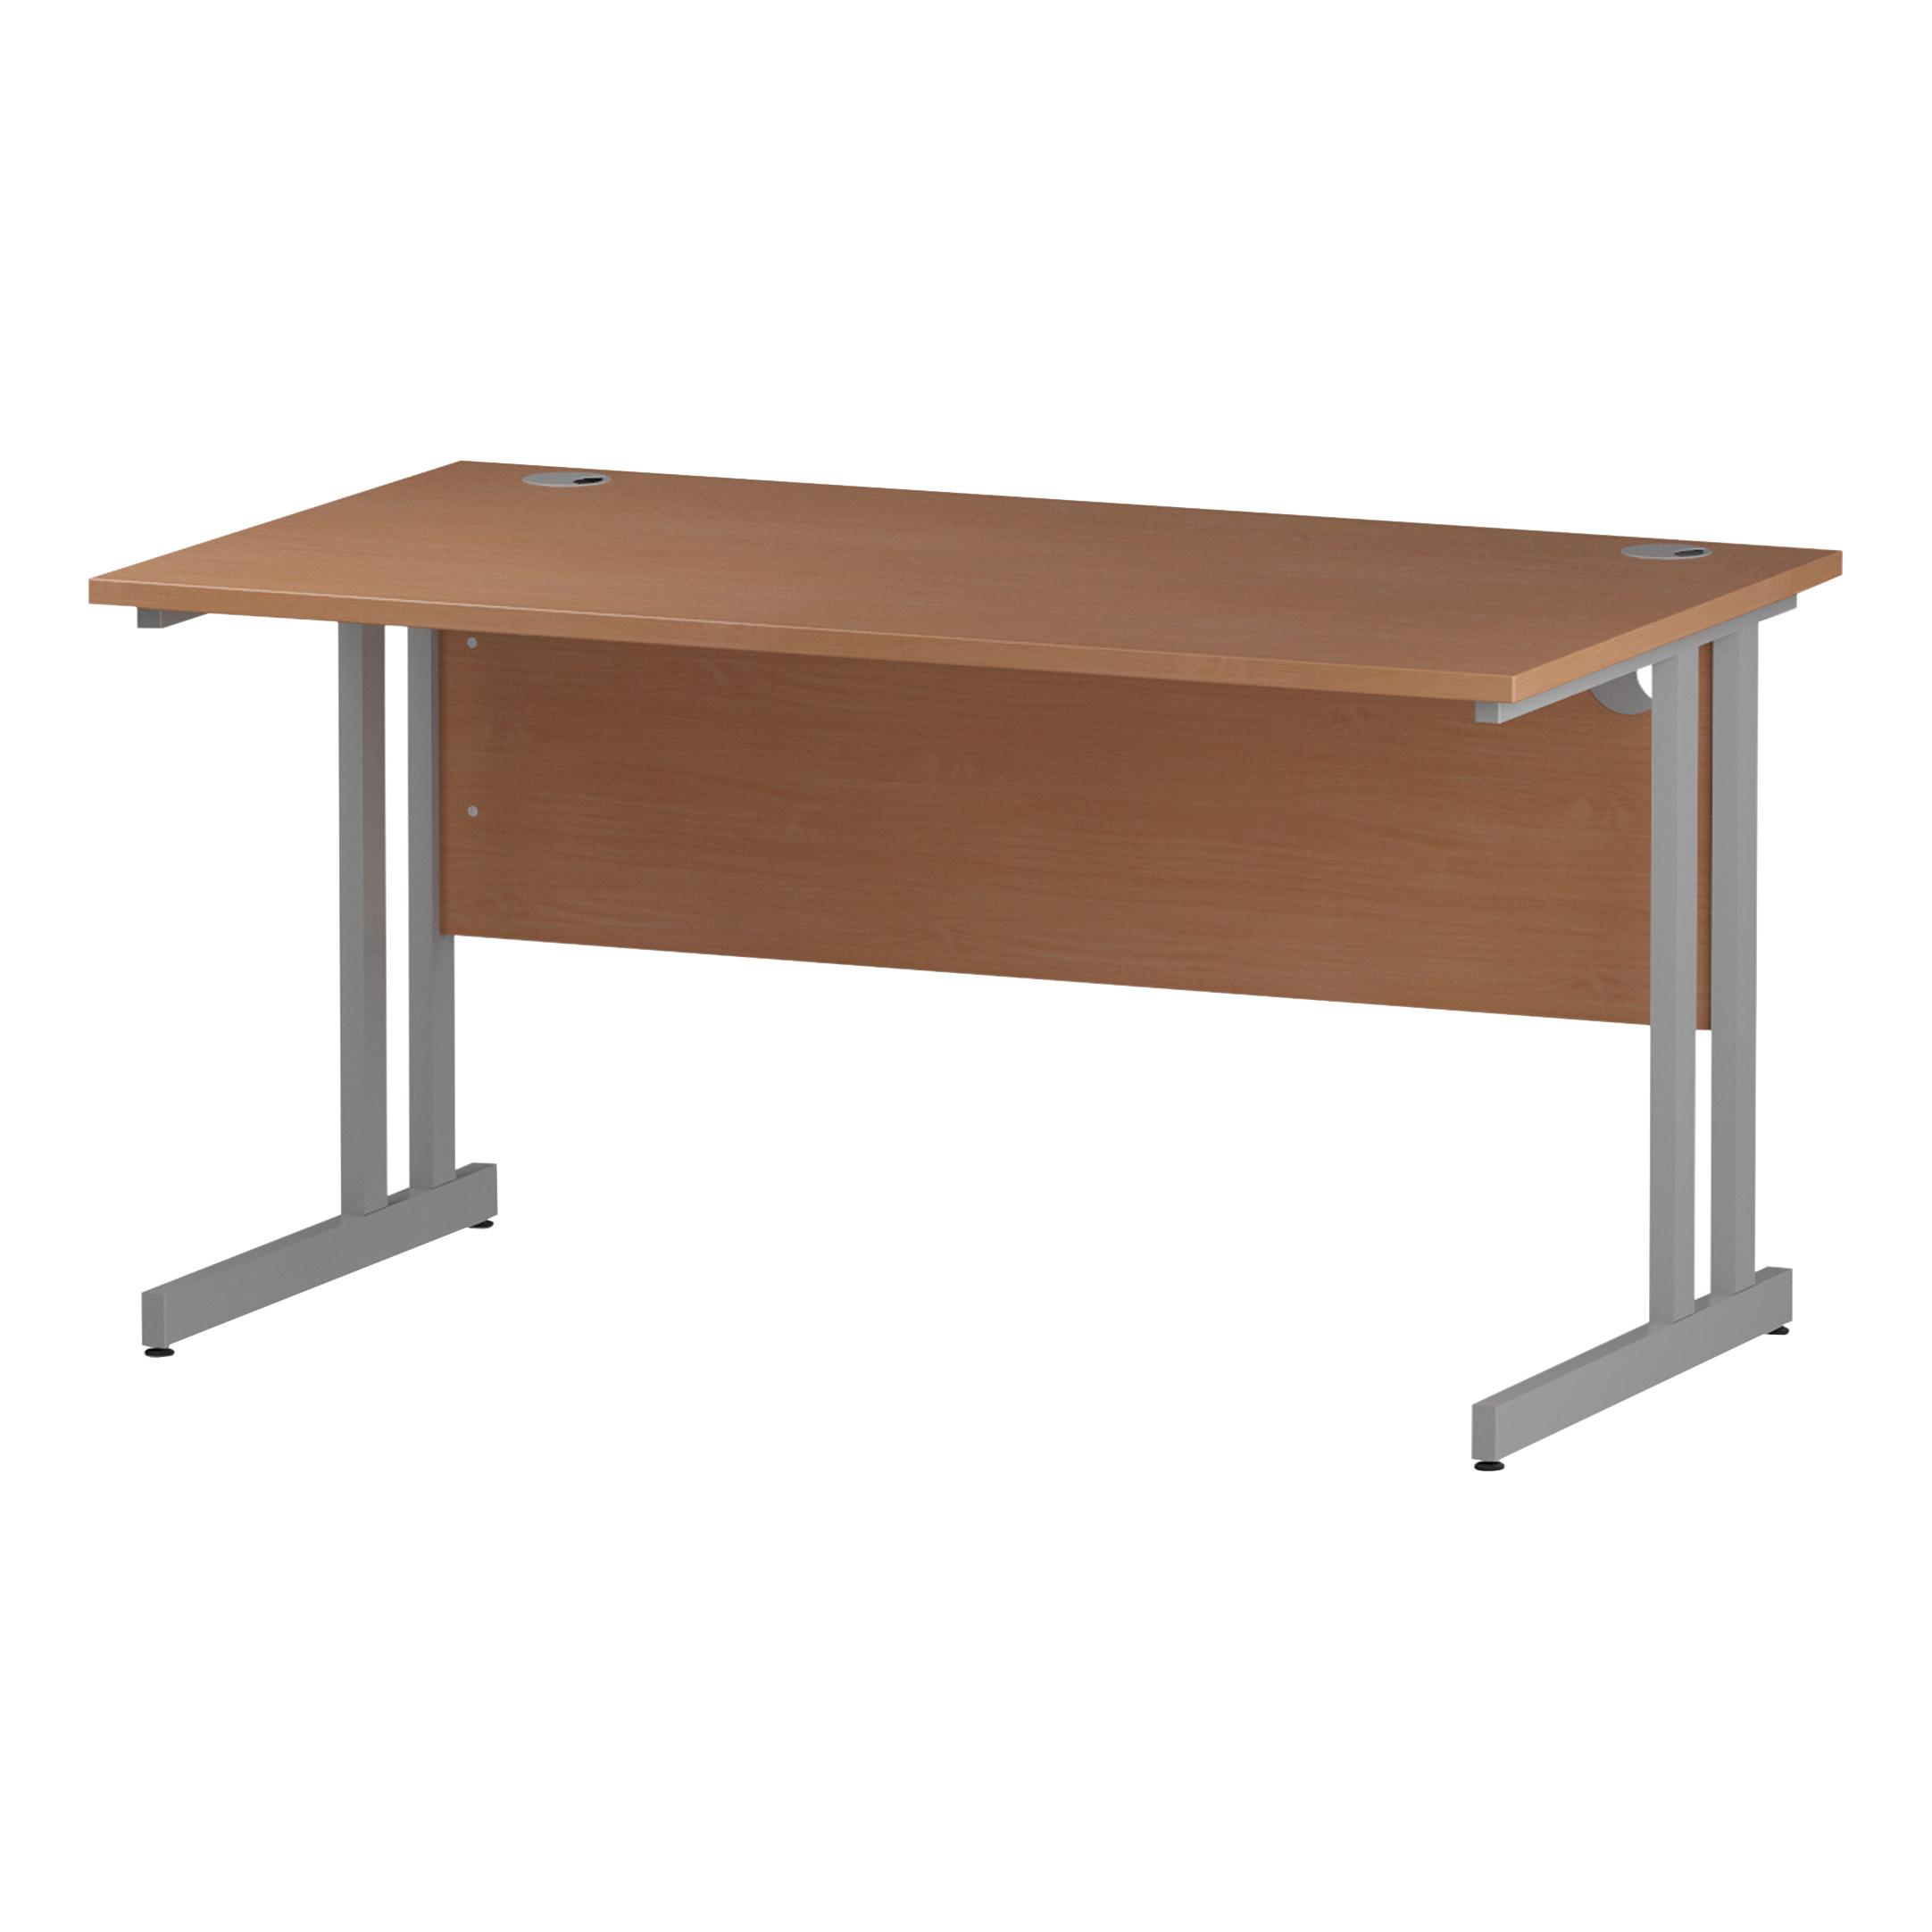 Trexus Rectangular Desk Cantilever Leg 1400mm Beech